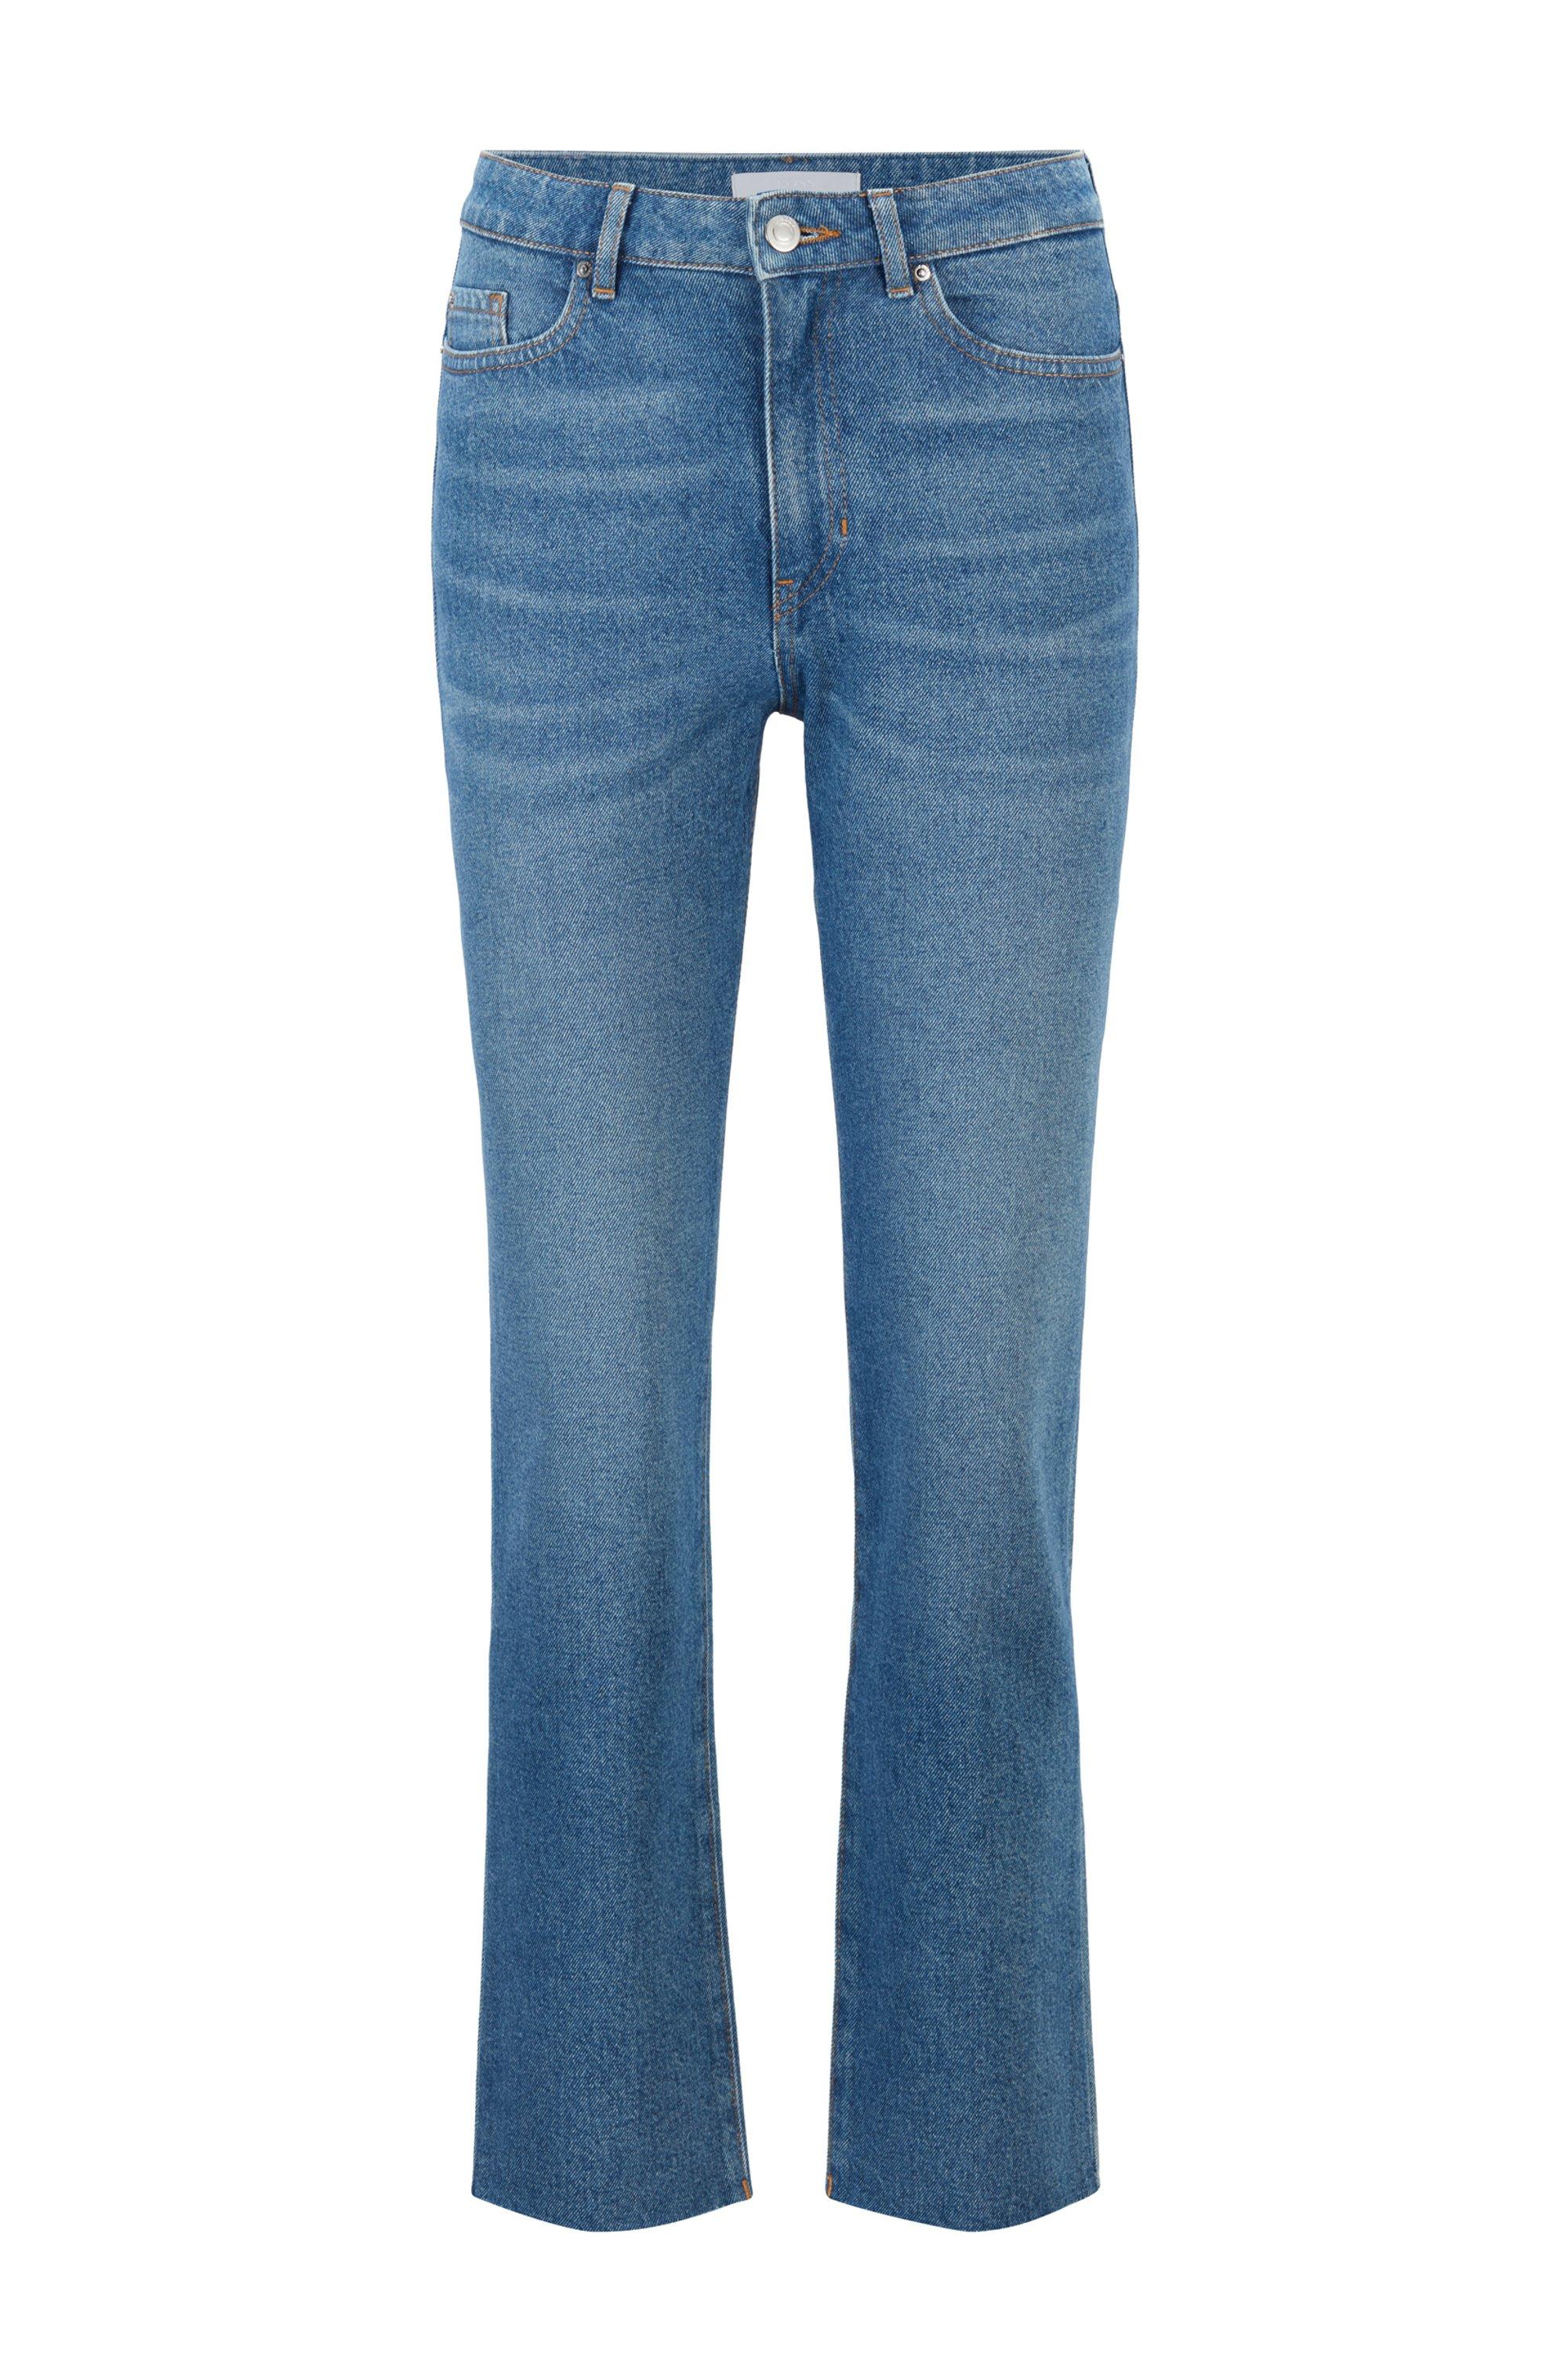 Regular-Fit Jeans aus zweifarbigem, blauem Denim in Cropped-Länge, Blau